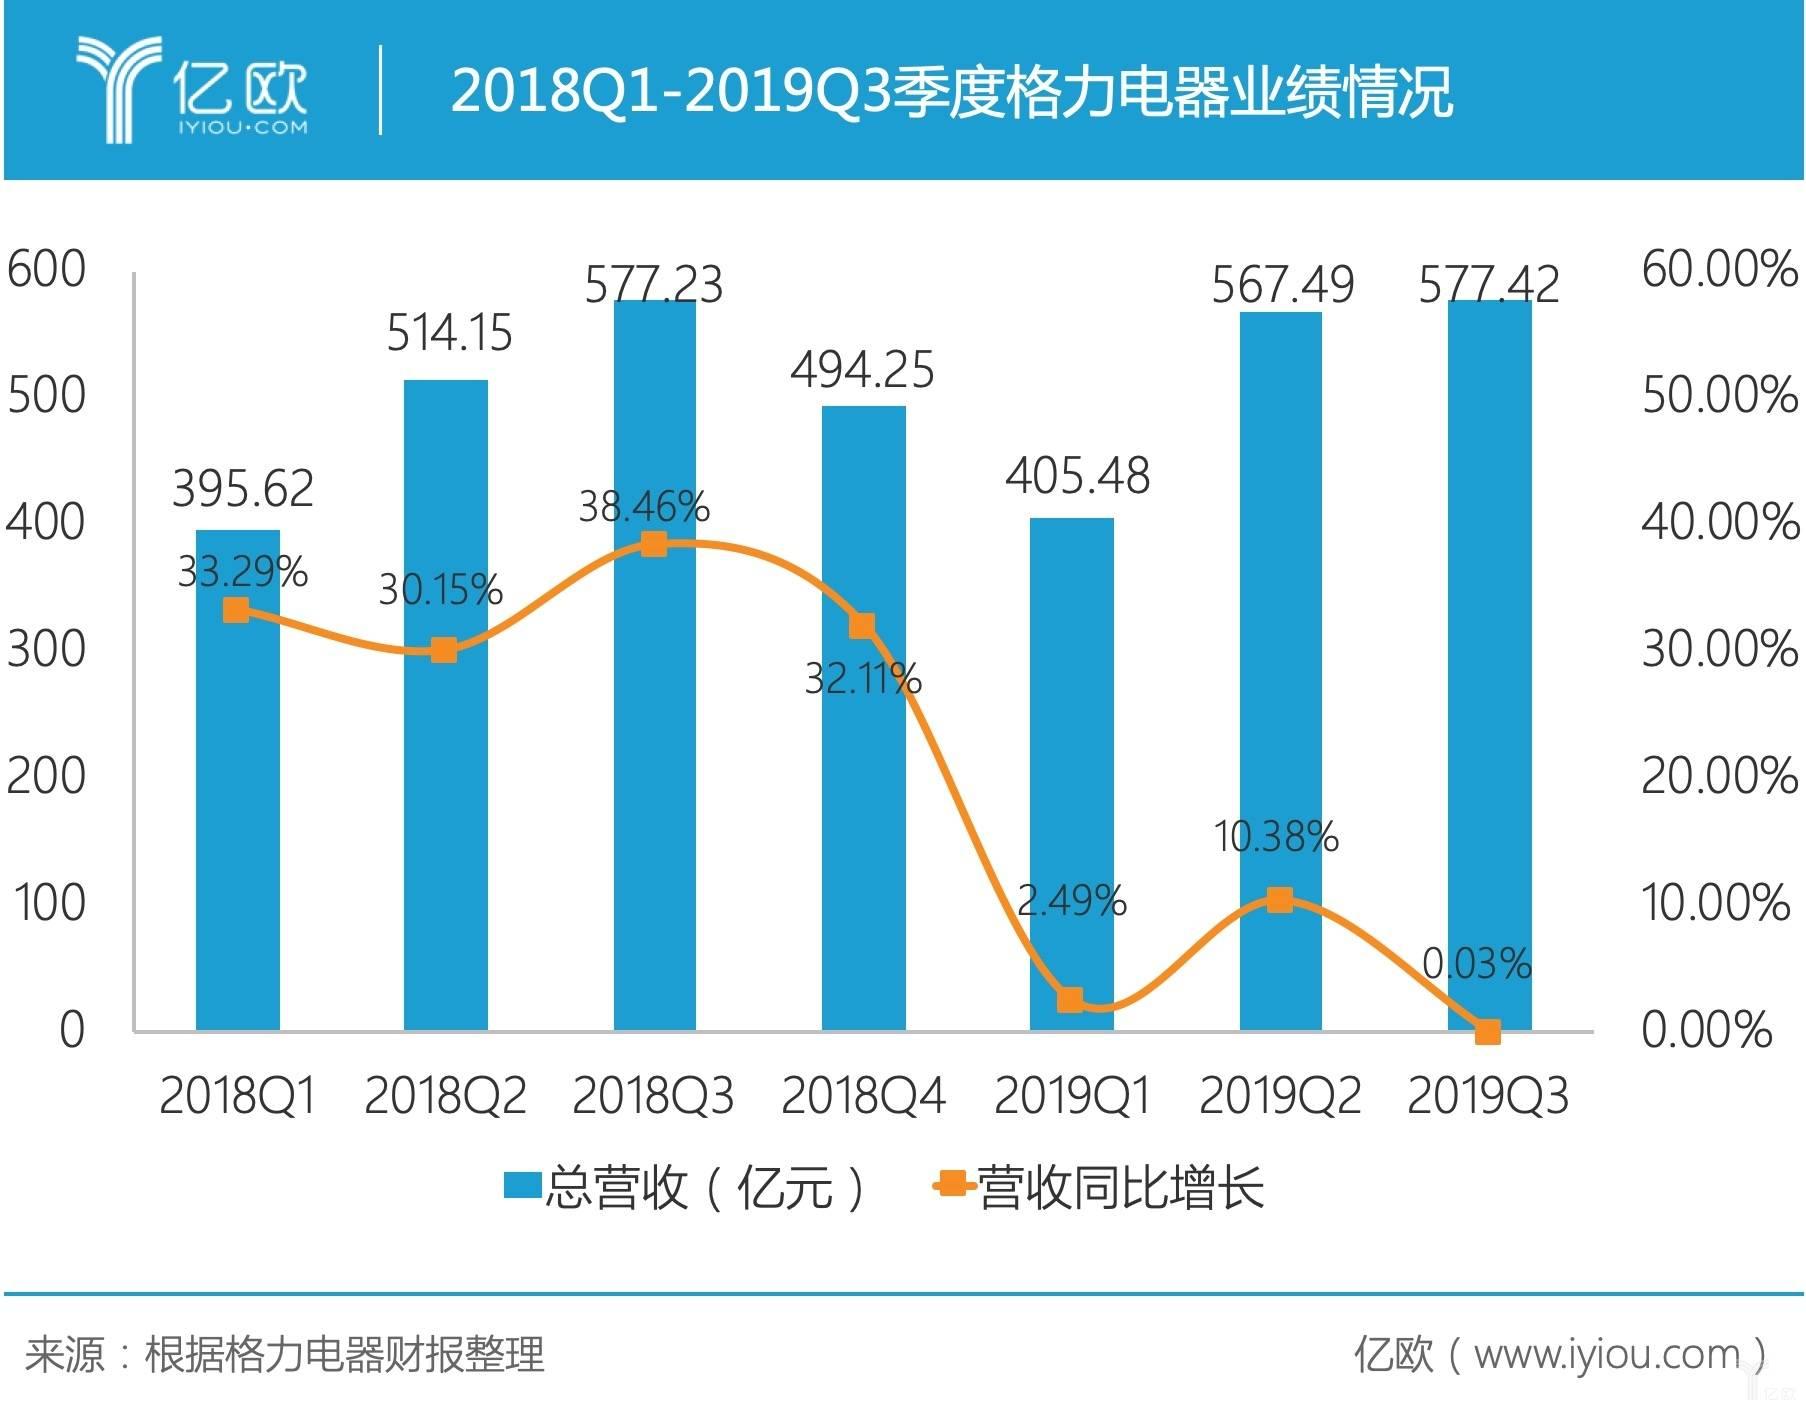 格力电器第三季度营收同比增长仅0.03%,恐已进入增长乏力期